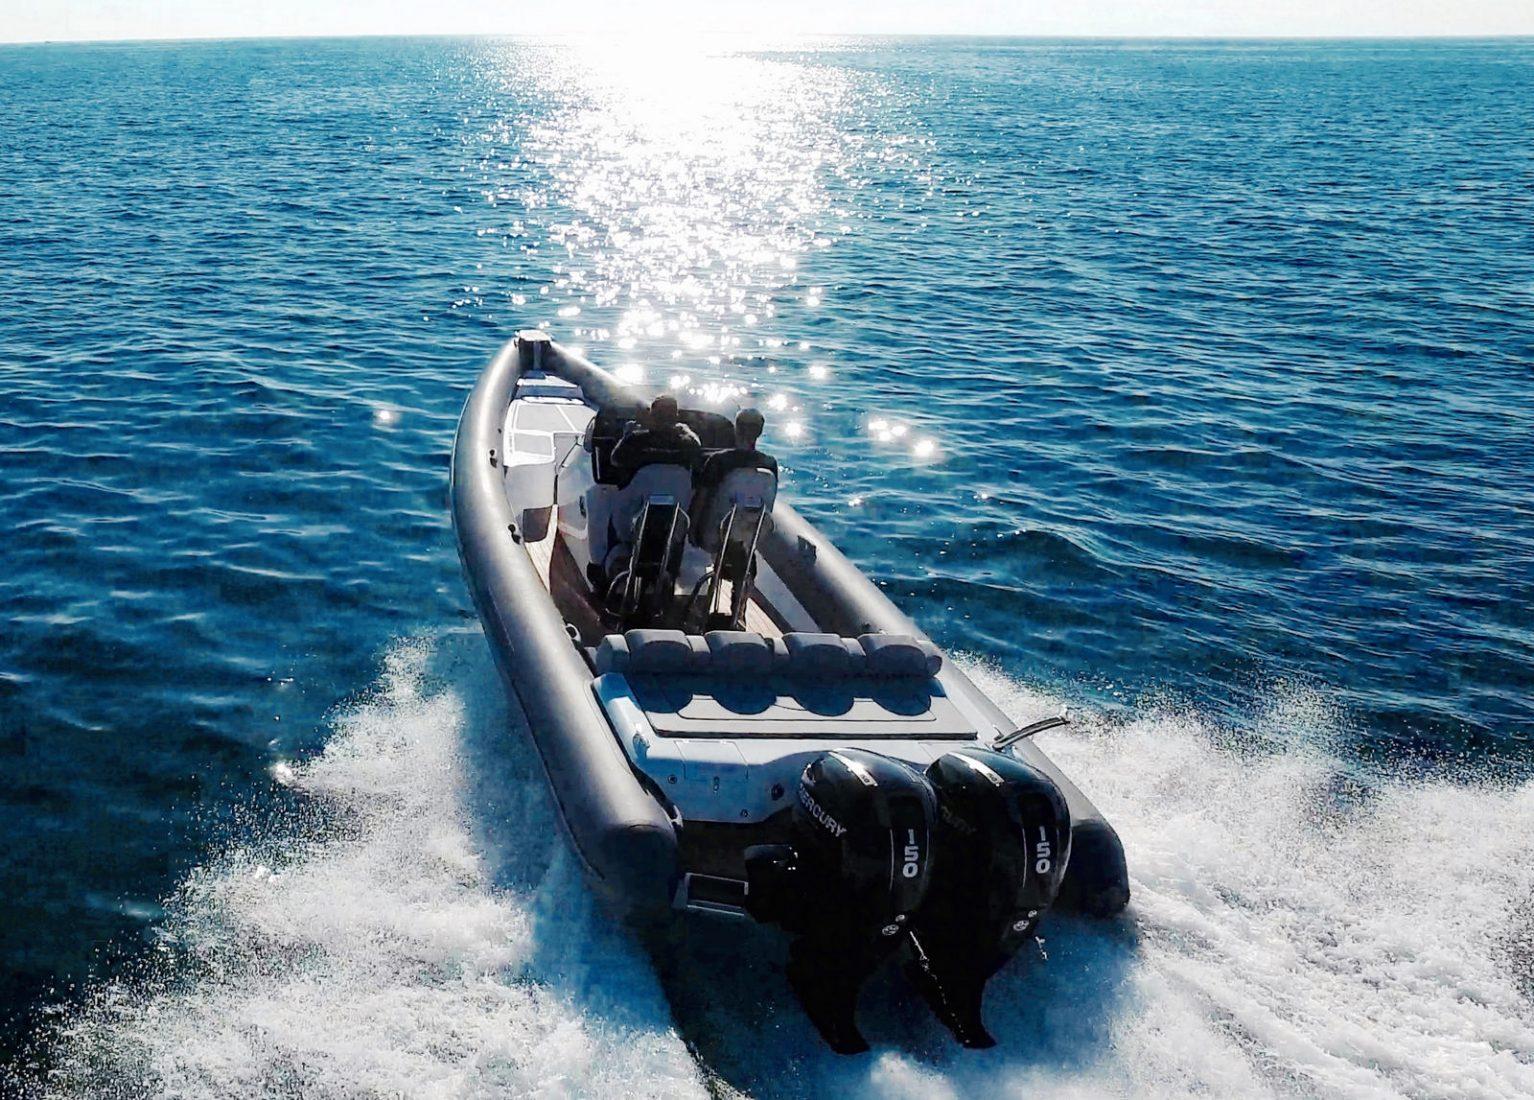 סירה חצי קשיחה TECHNOHULL SV909 - סירה חצי קשיחה TECHNOHULL SV909 - סטרים יאכטות